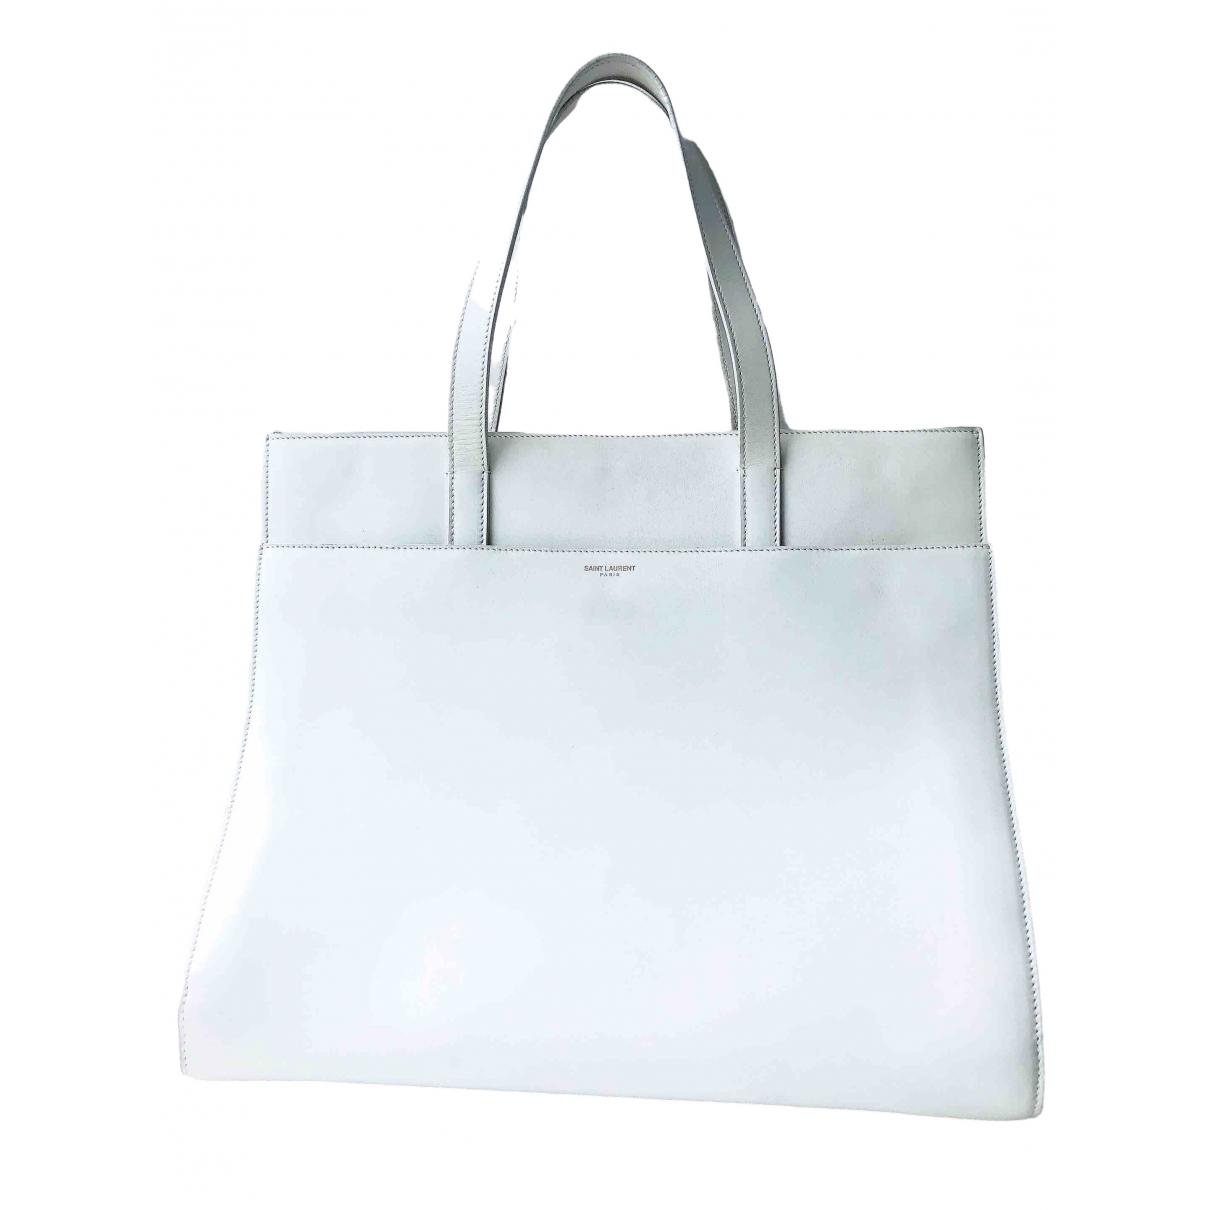 Saint Laurent \N White Leather handbag for Women \N